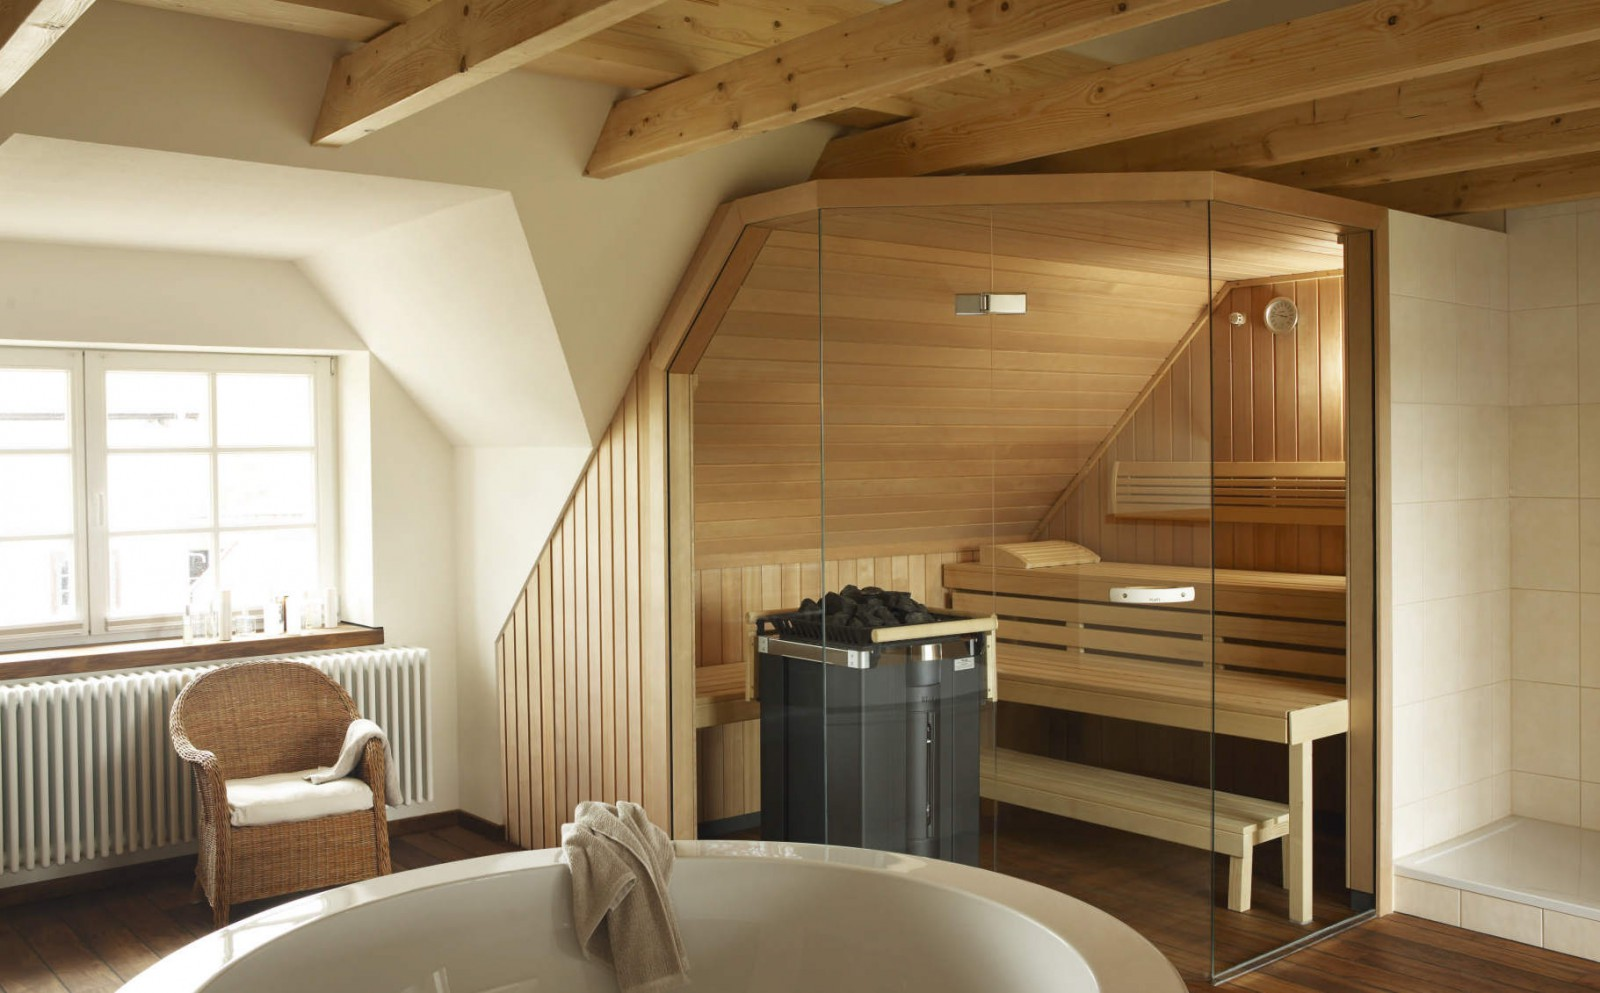 Баня в доме: плюсы, минусы и особенности